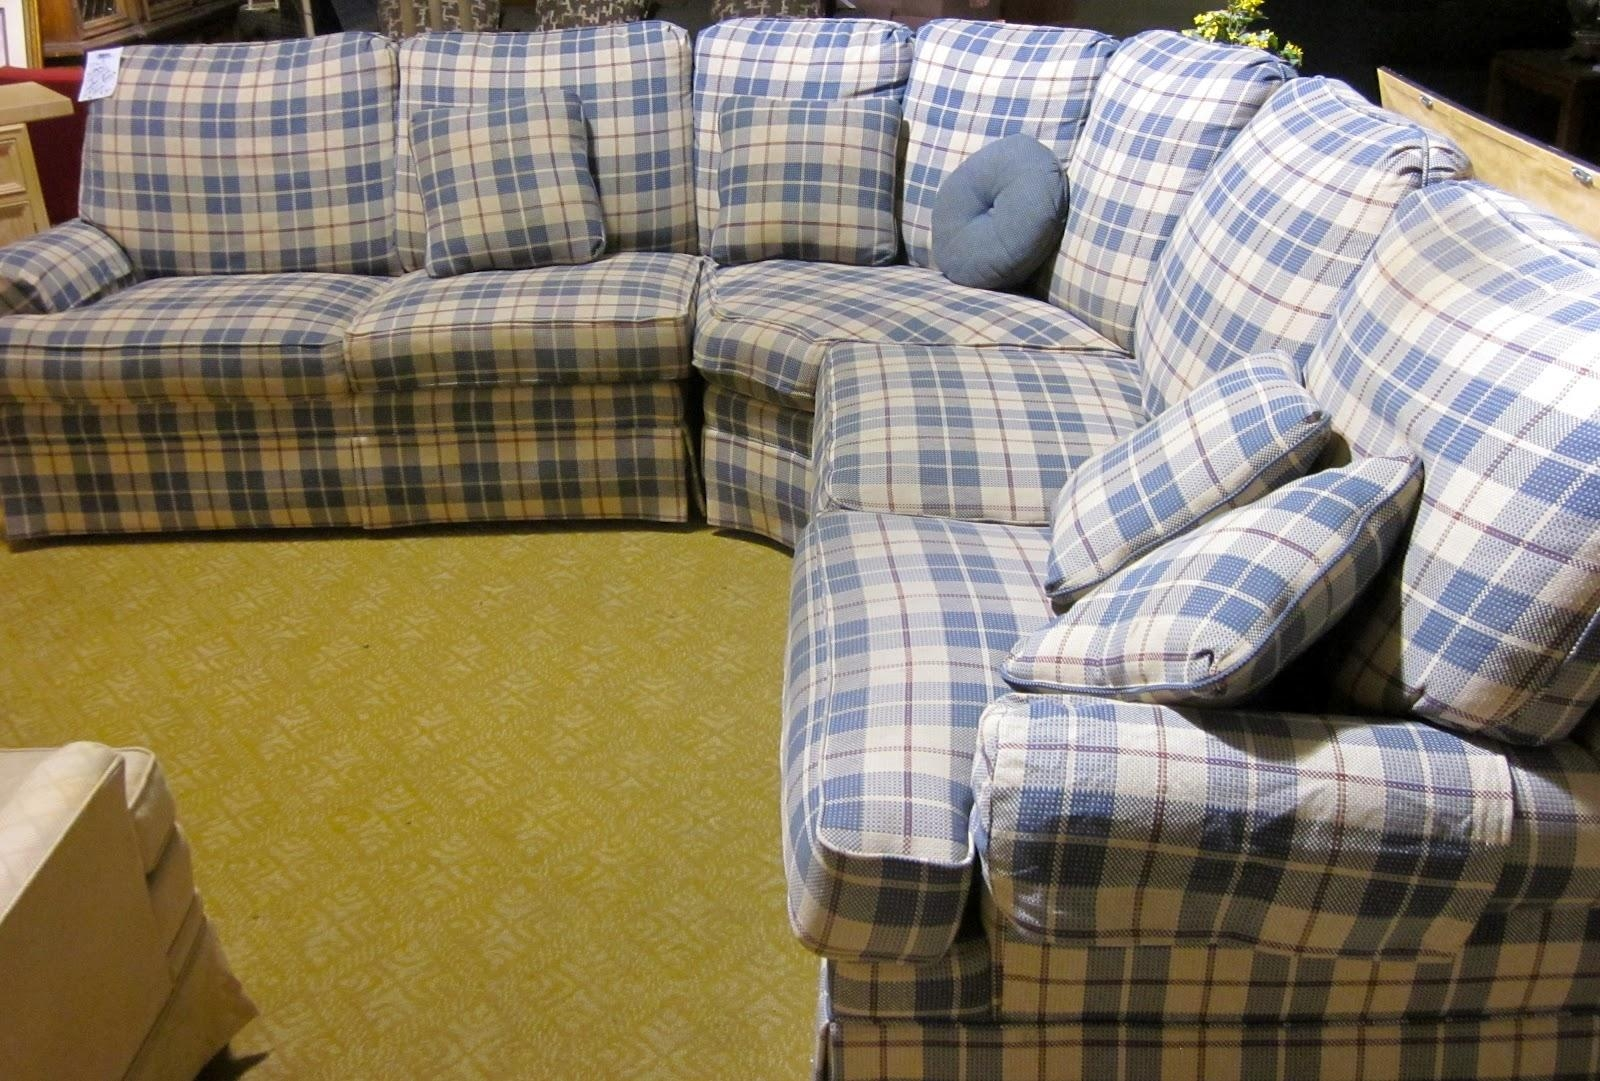 Blue Plaid Sofa With Inspiration Design 26142 | Kengire For Blue Plaid Sofas (View 3 of 20)